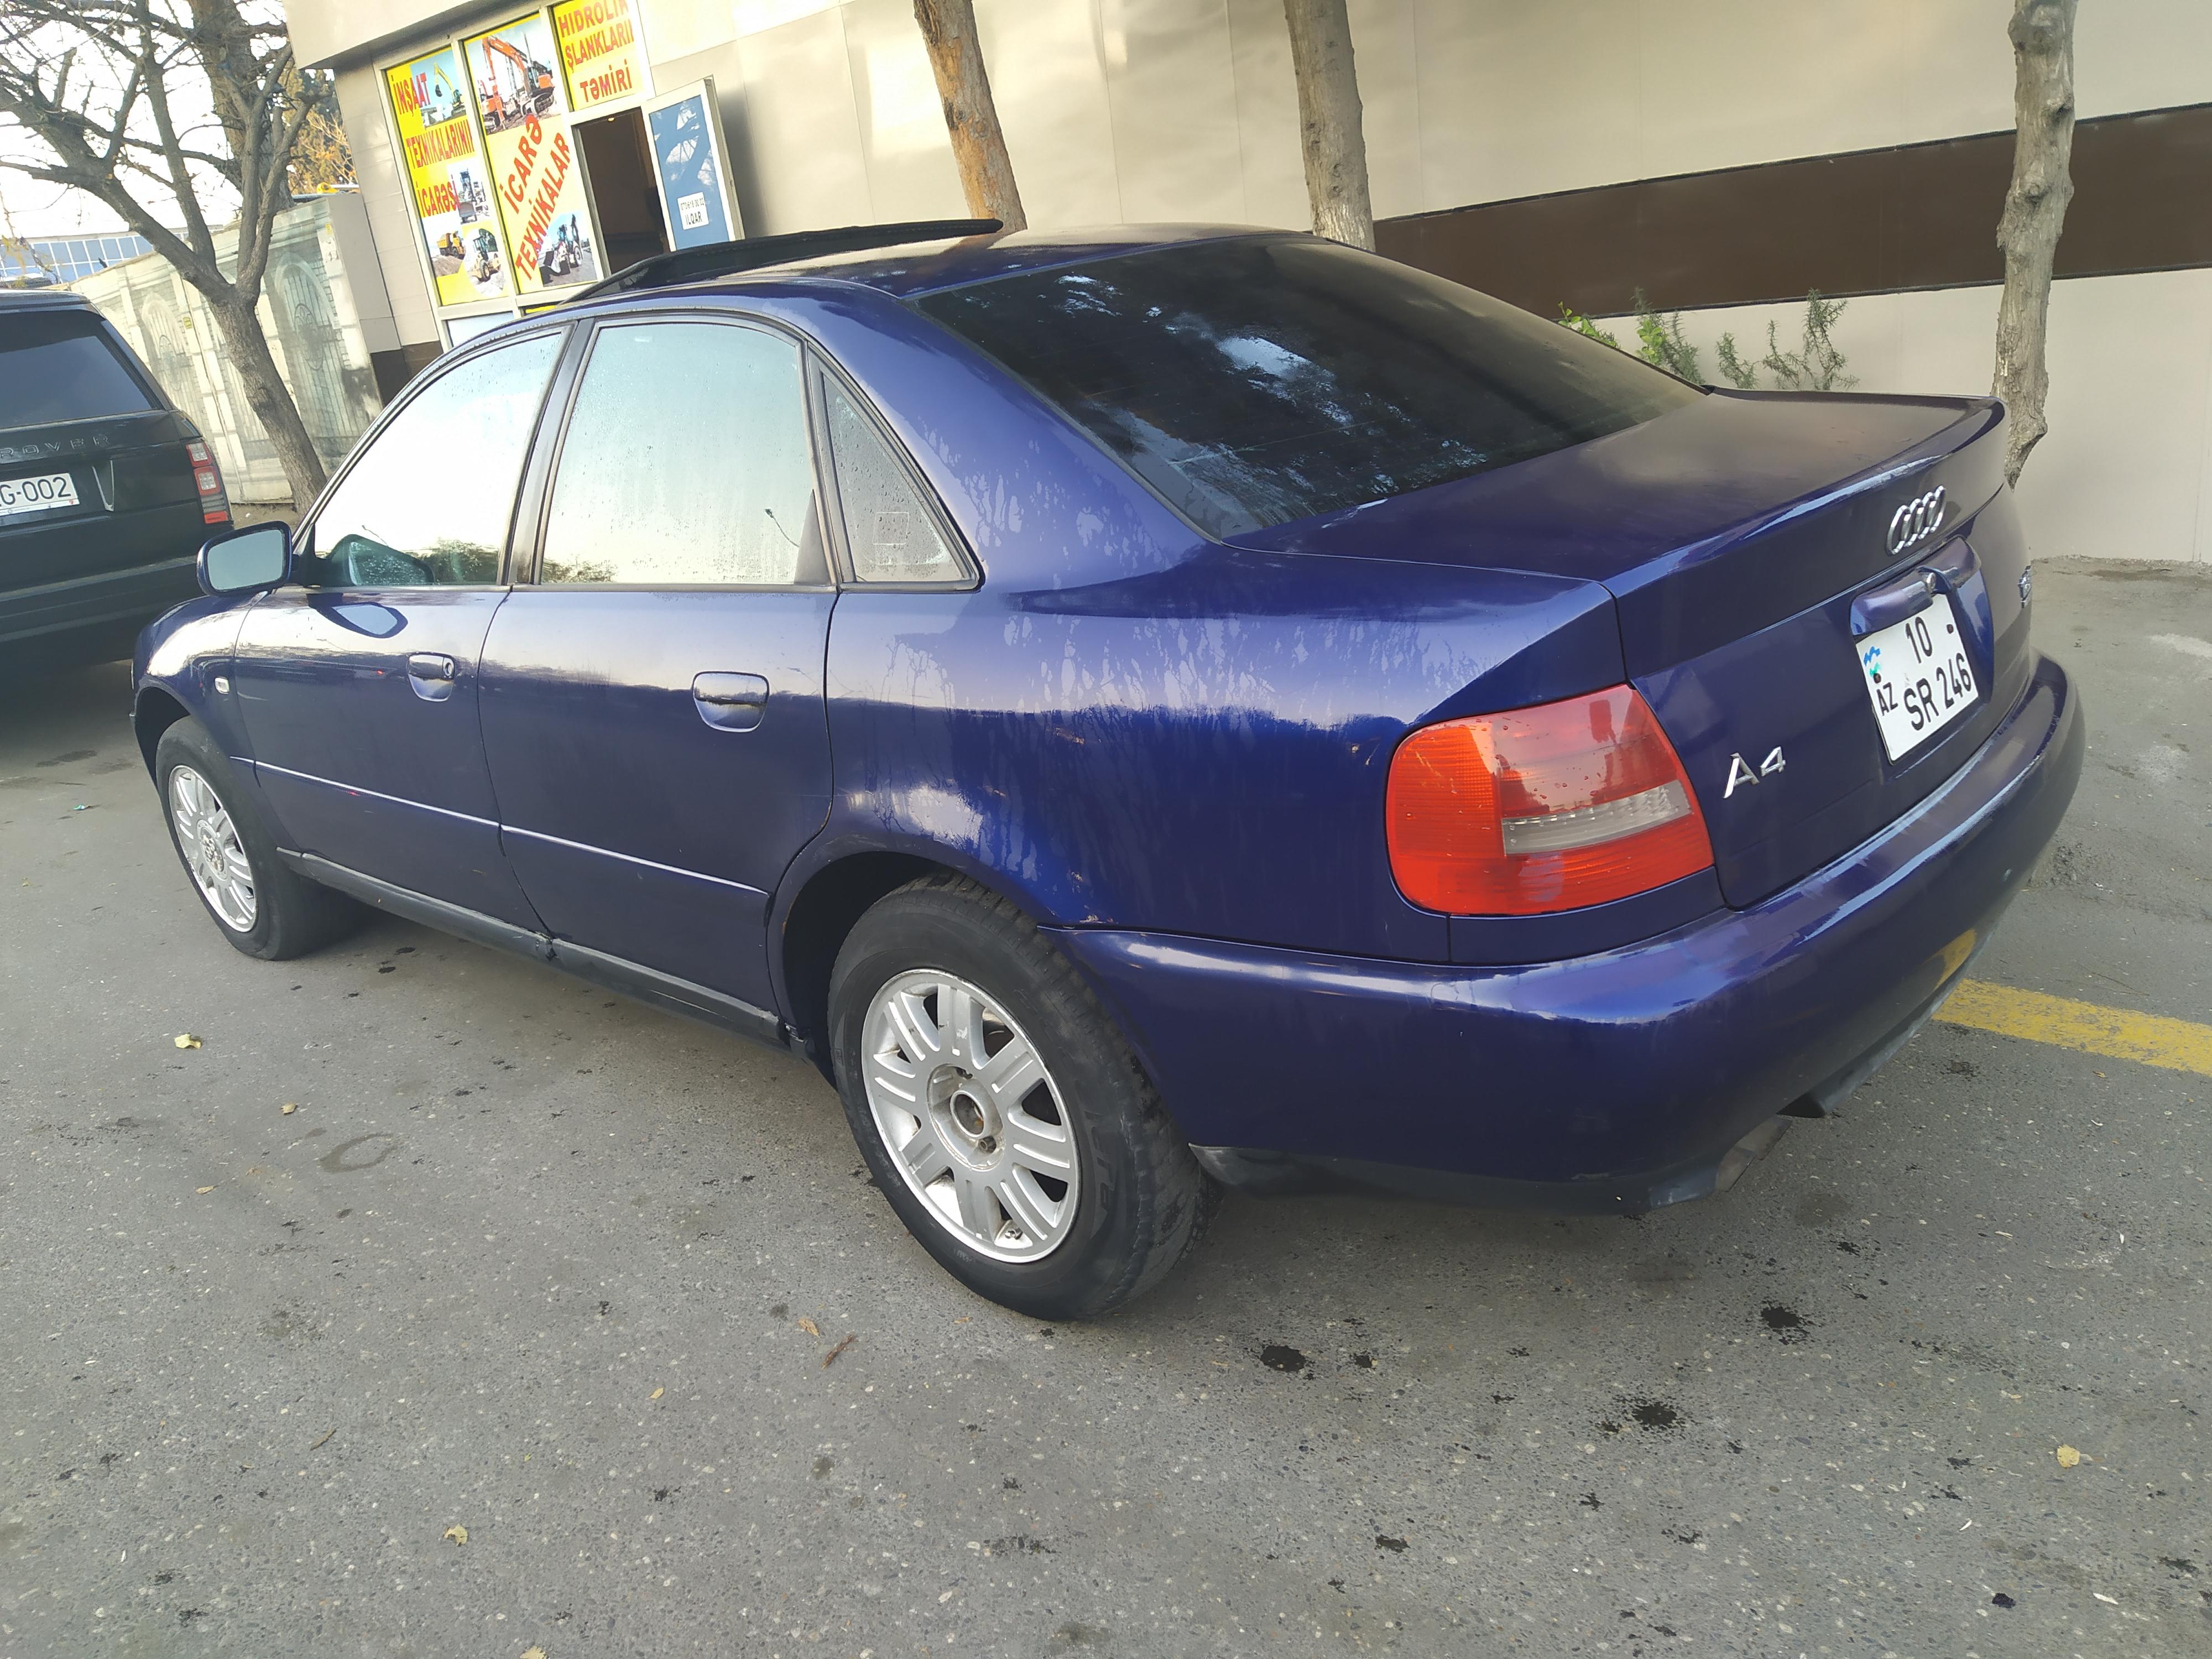 Audi A4 1.8(lt) 1999 Подержанный  $3550